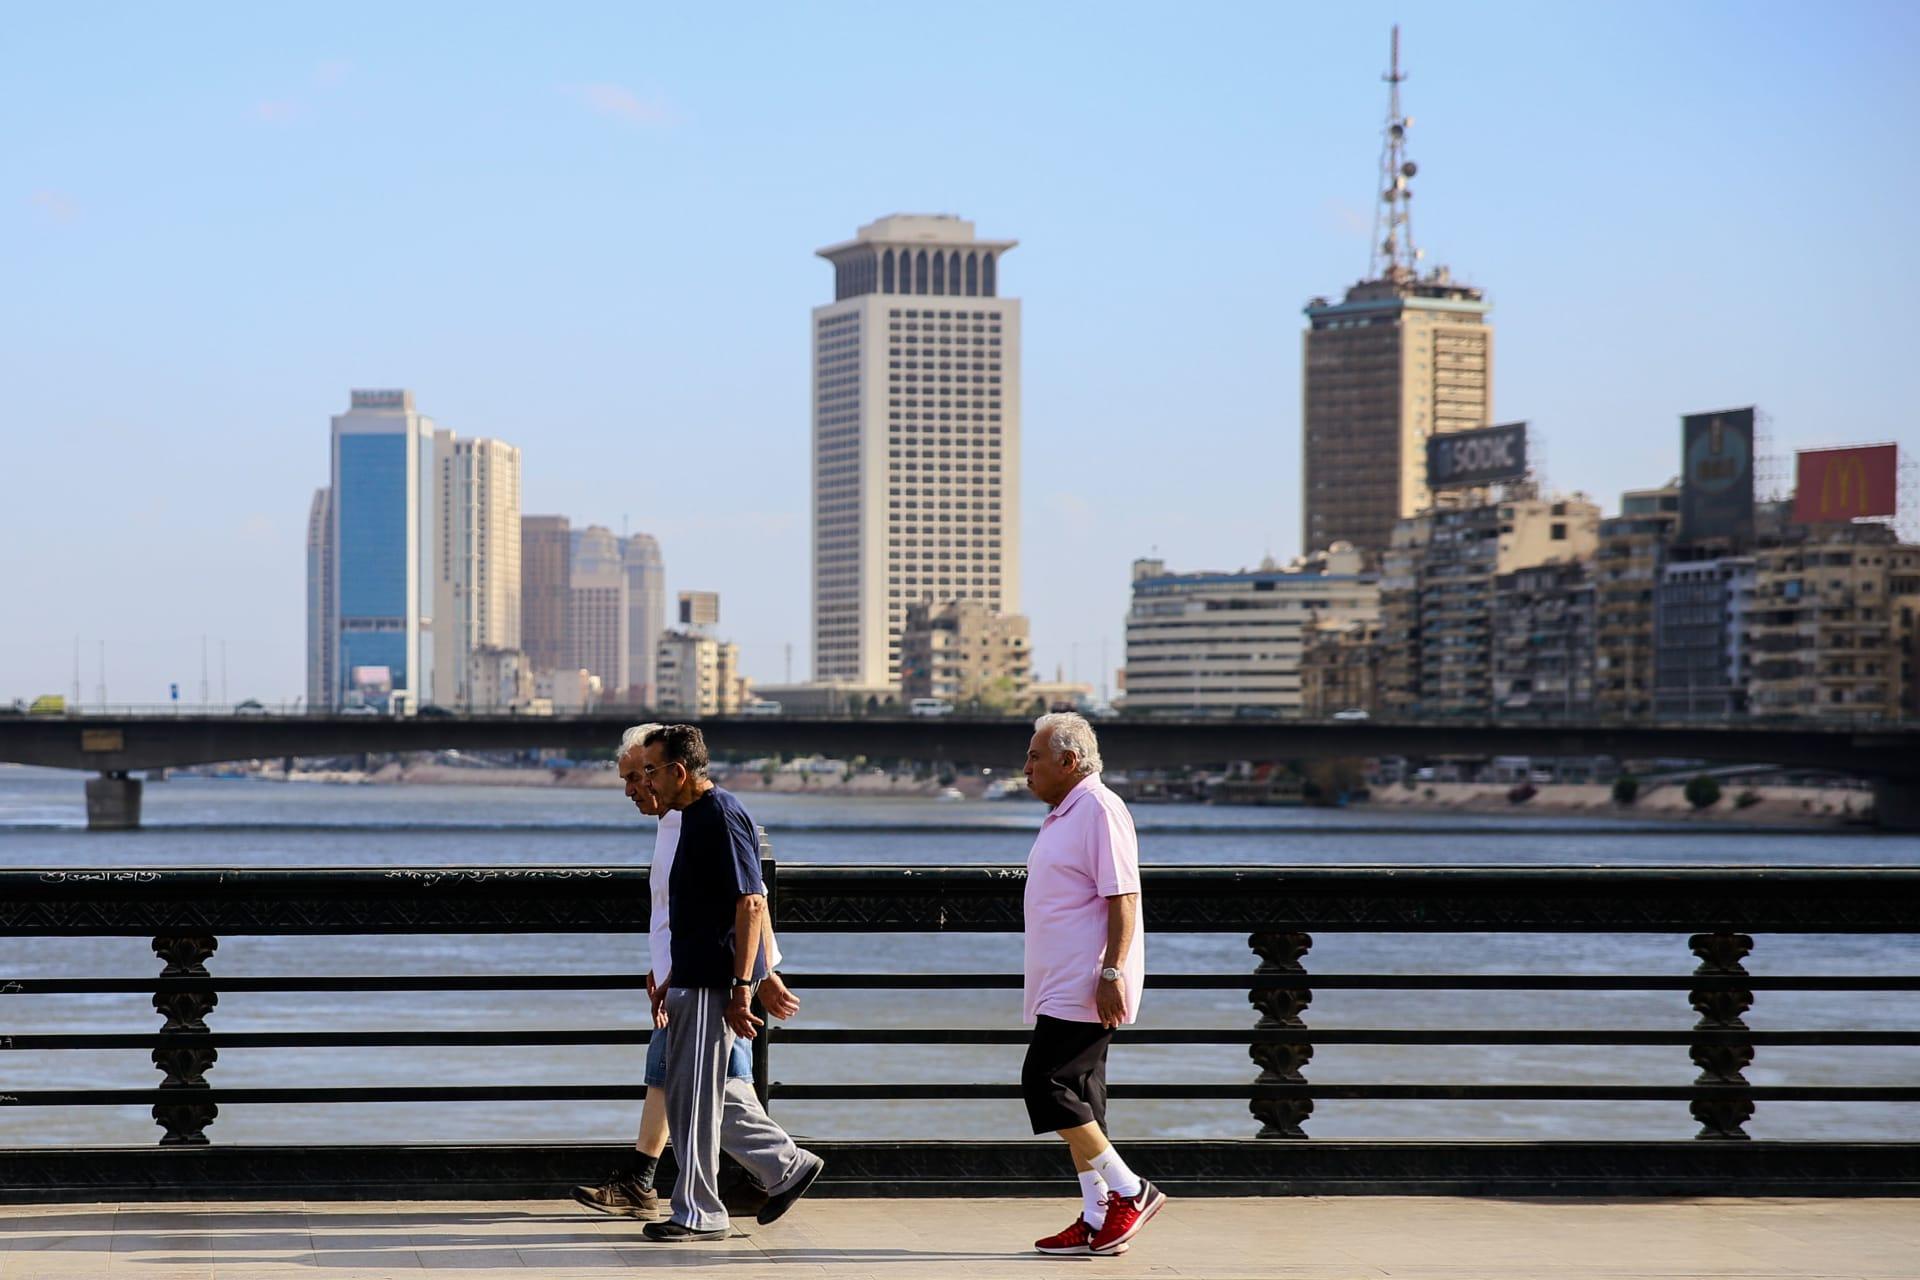 مصر تعلن خطة التعايش مع كورونا: إعادة فتح المطاعم والمقاهي ودور العبادة